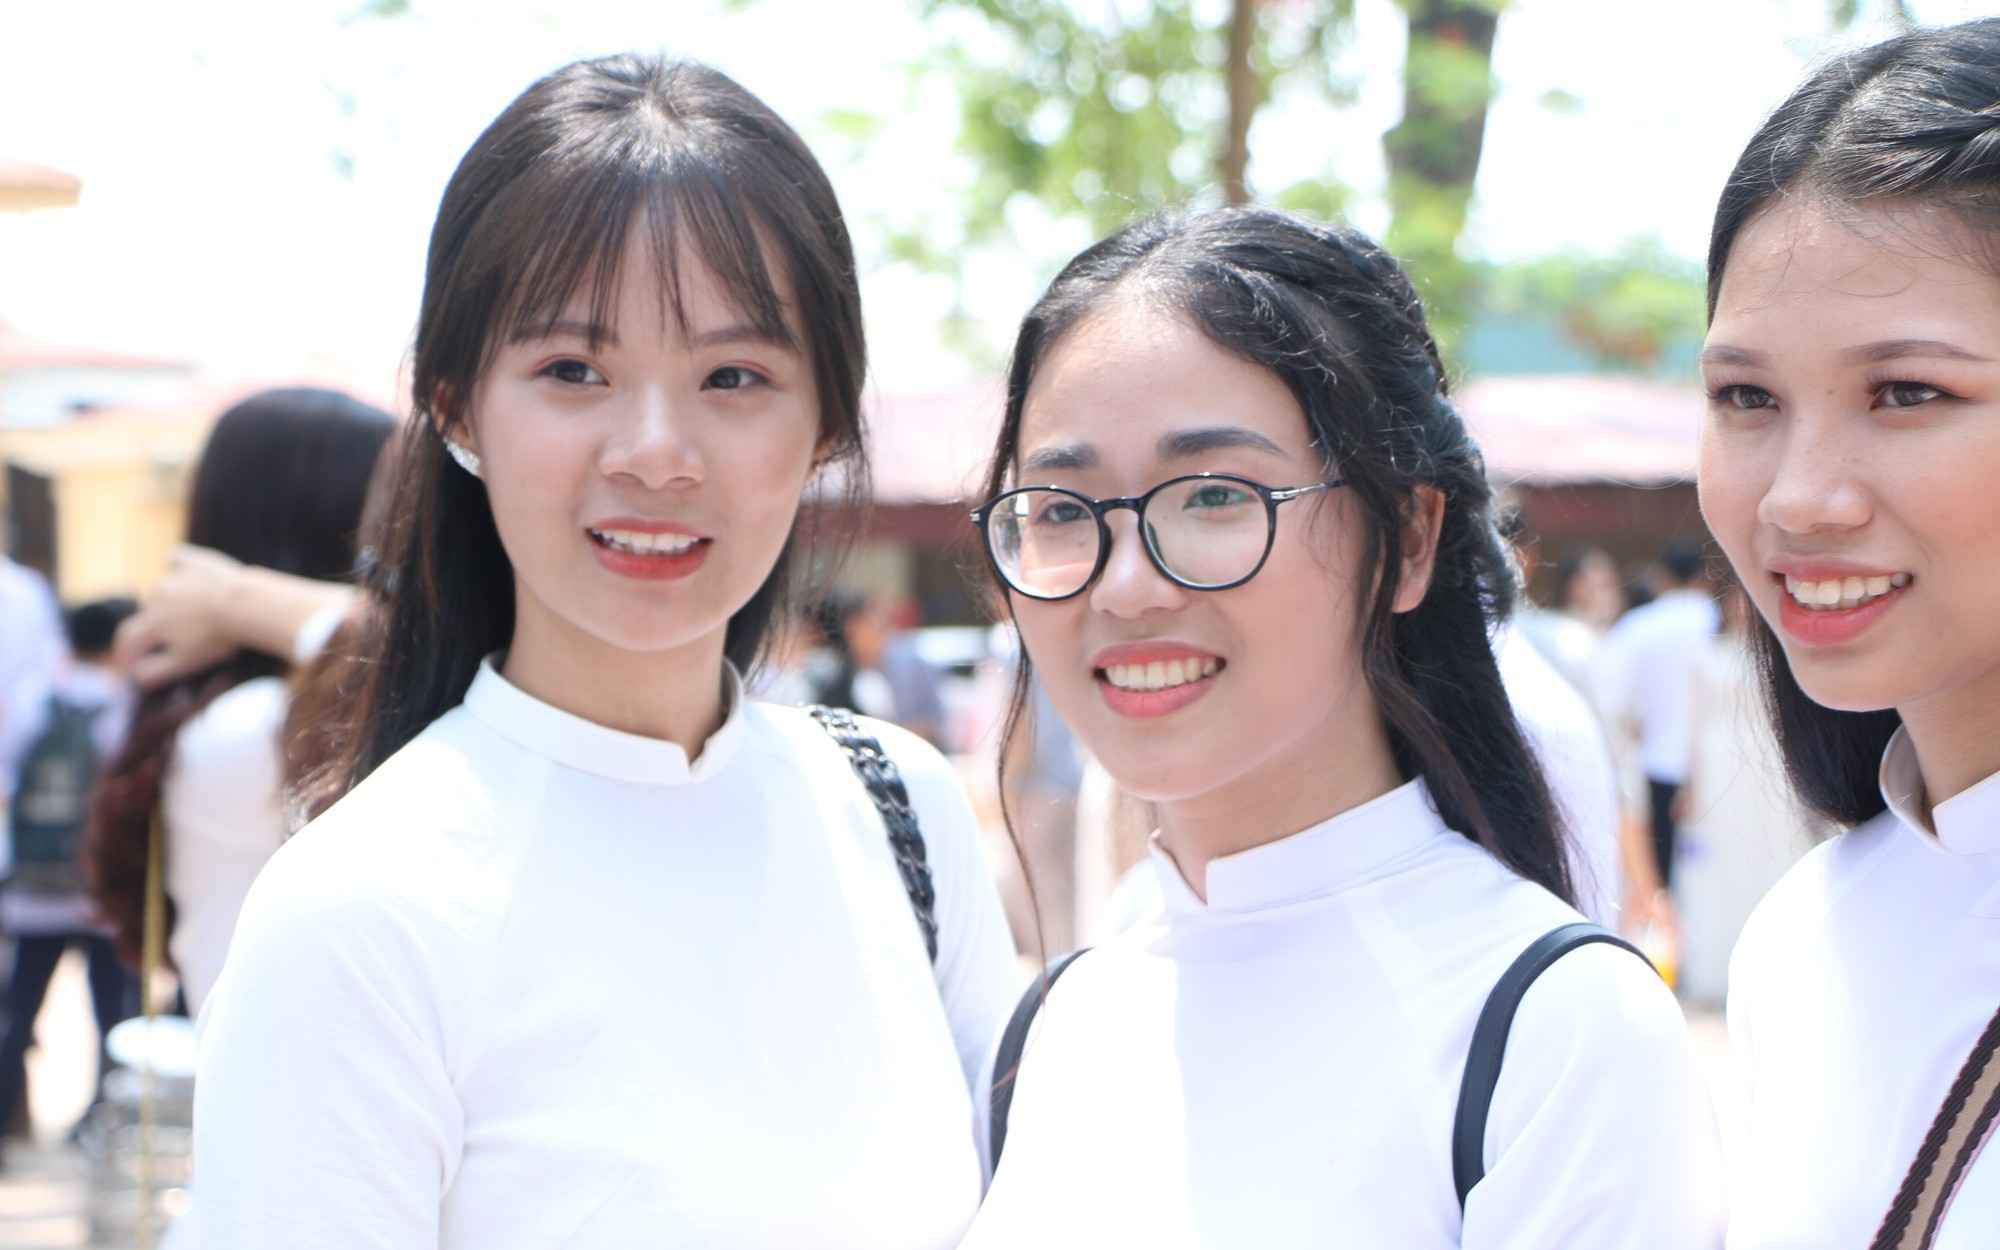 Đề thi vào lớp 10 chuyên môn Hóa học tỉnh Nghệ An năm 2019